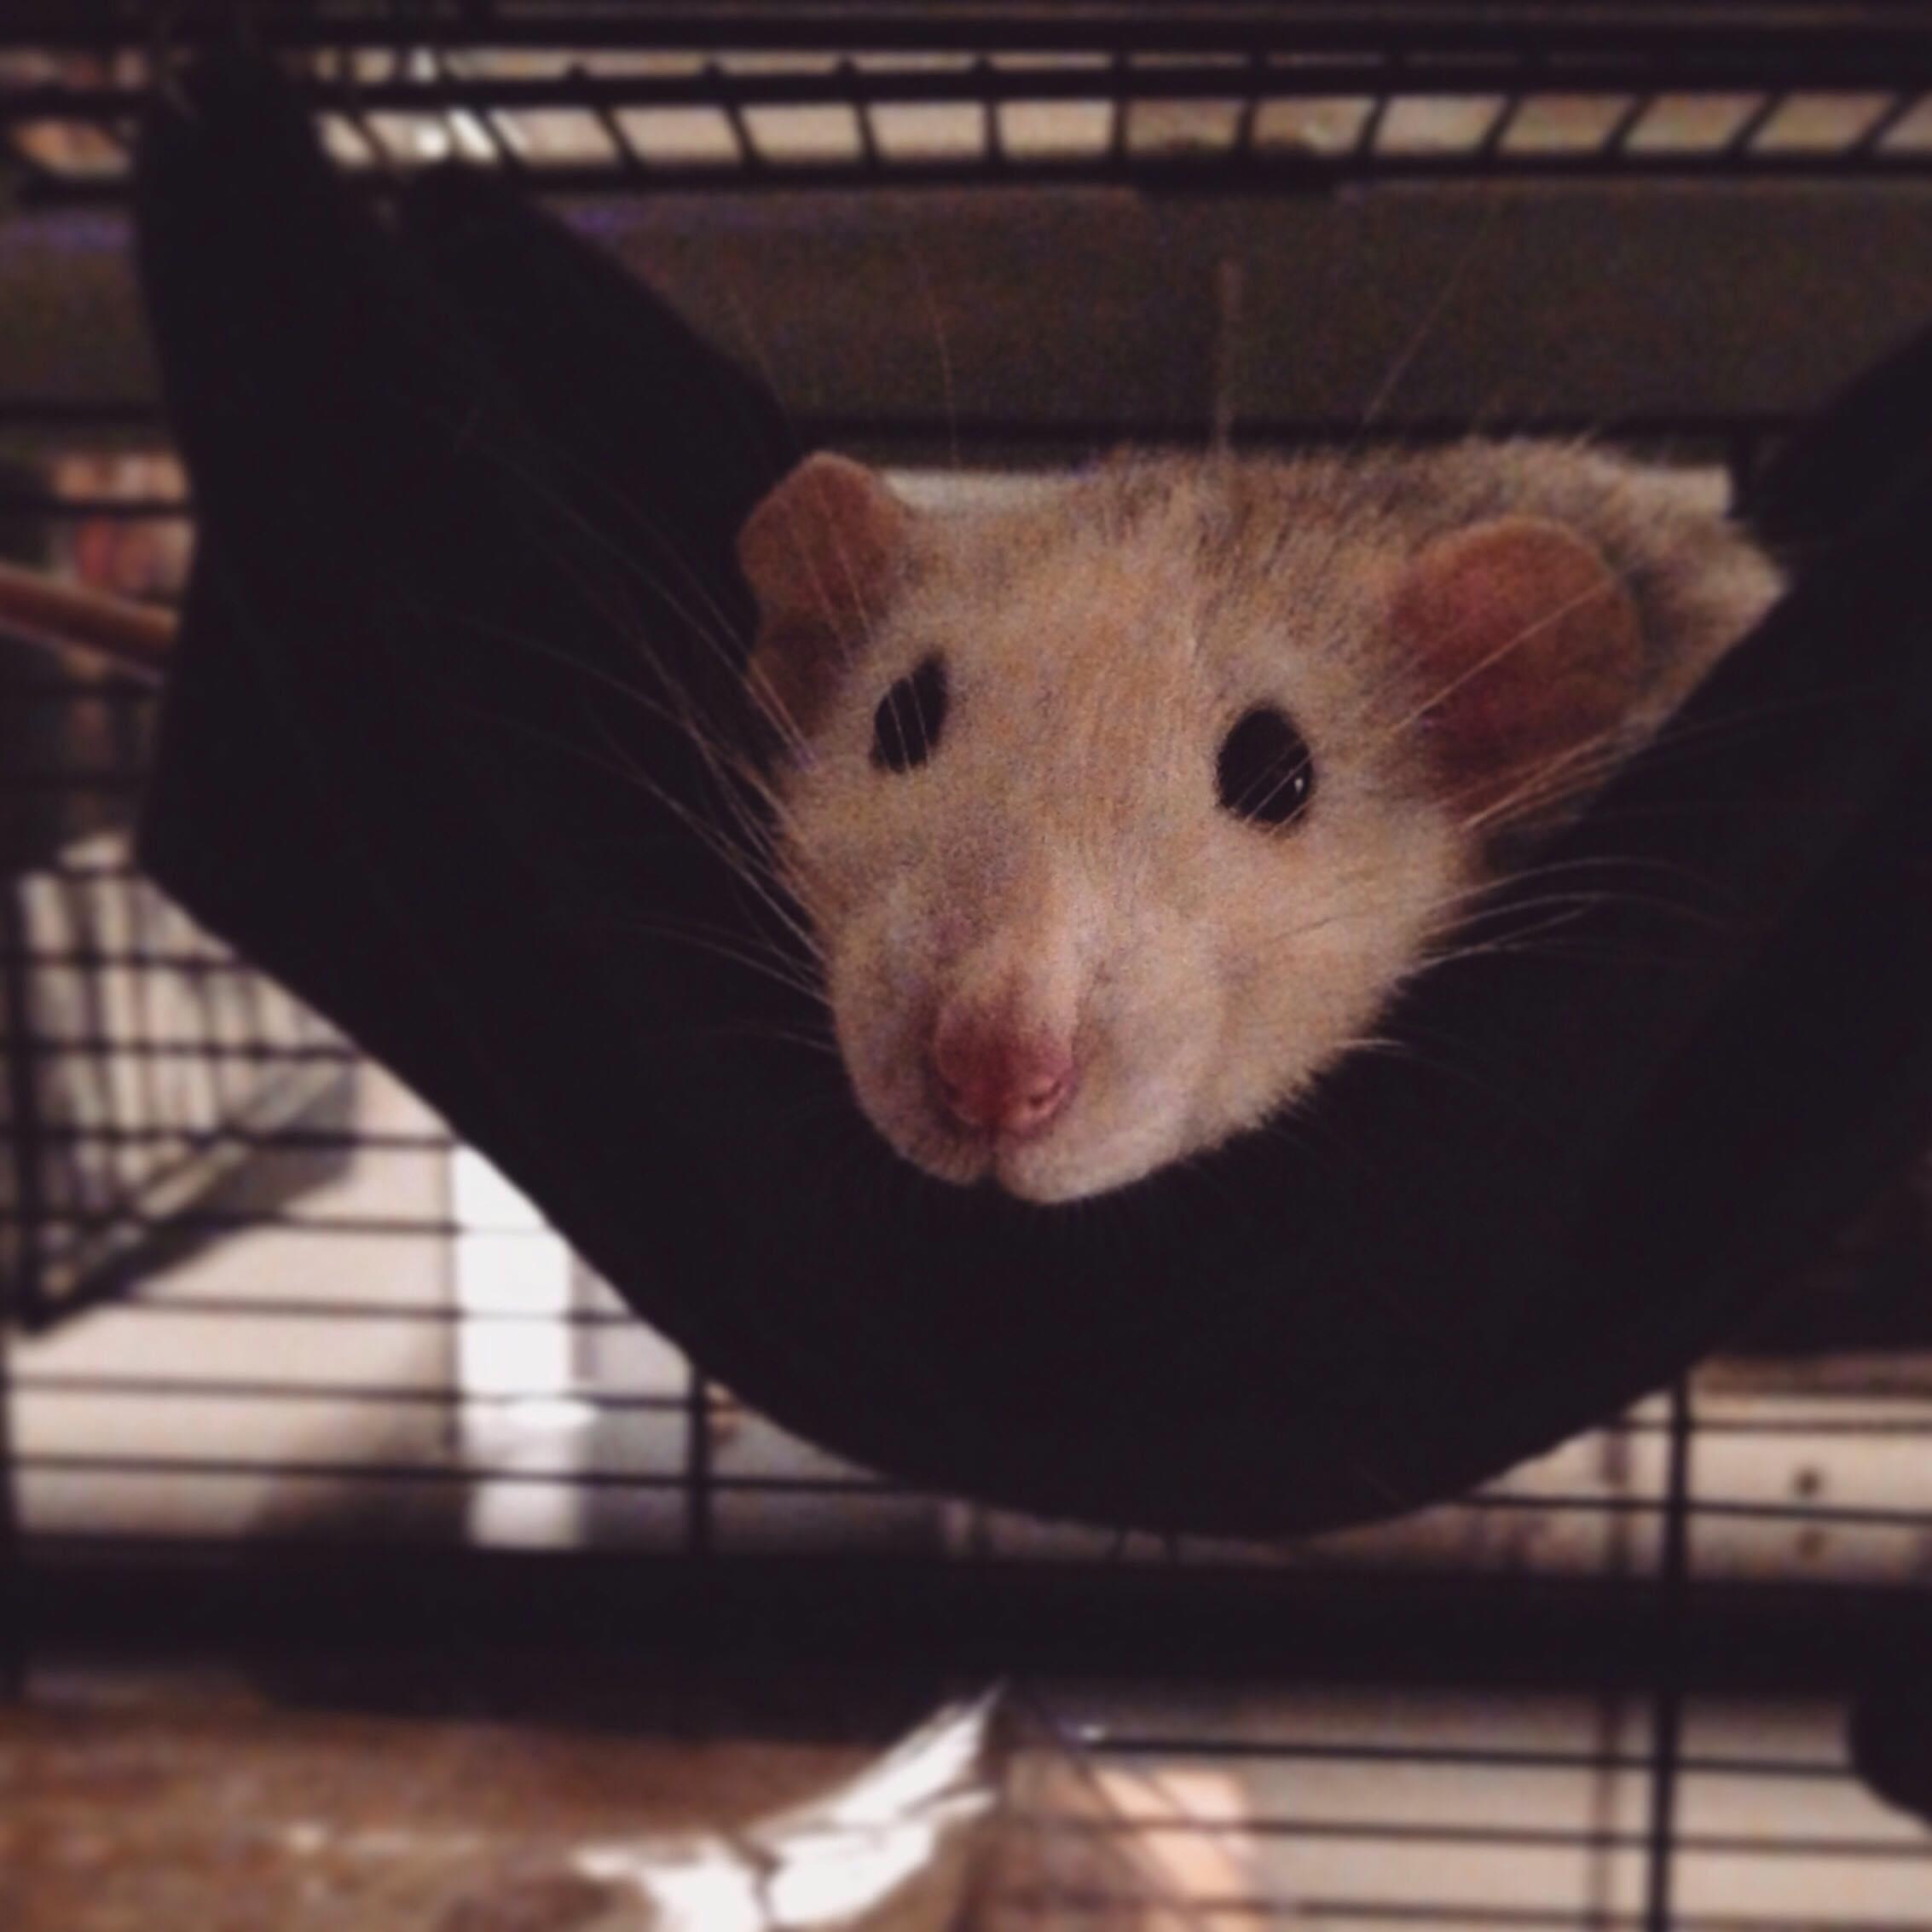 Les 3 p'tits rats 33778910